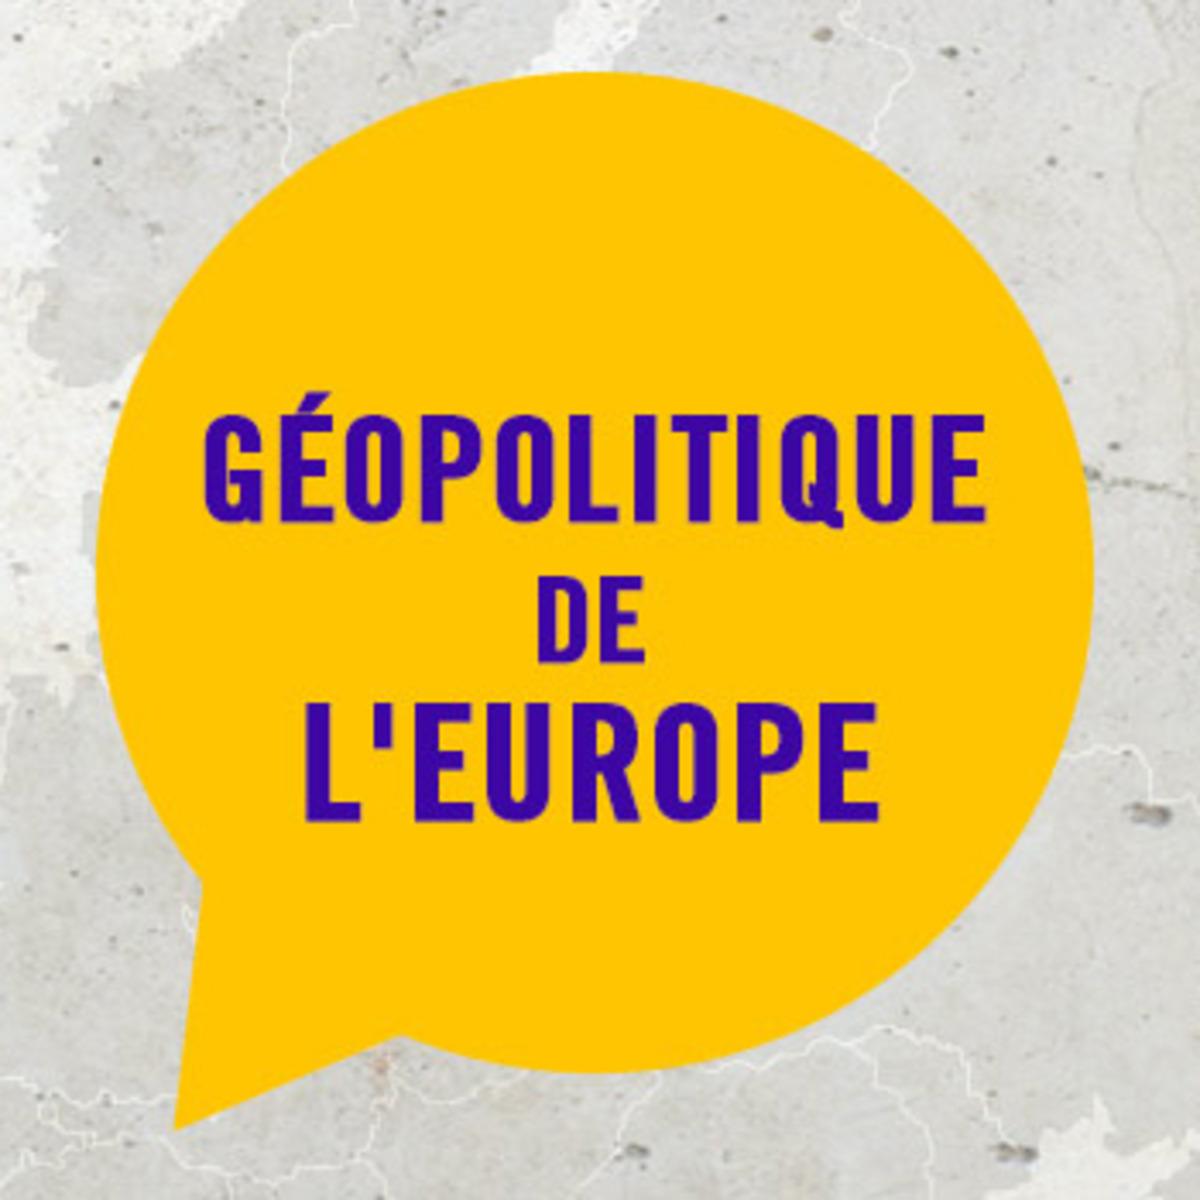 Géopolitique de l'Europe course image